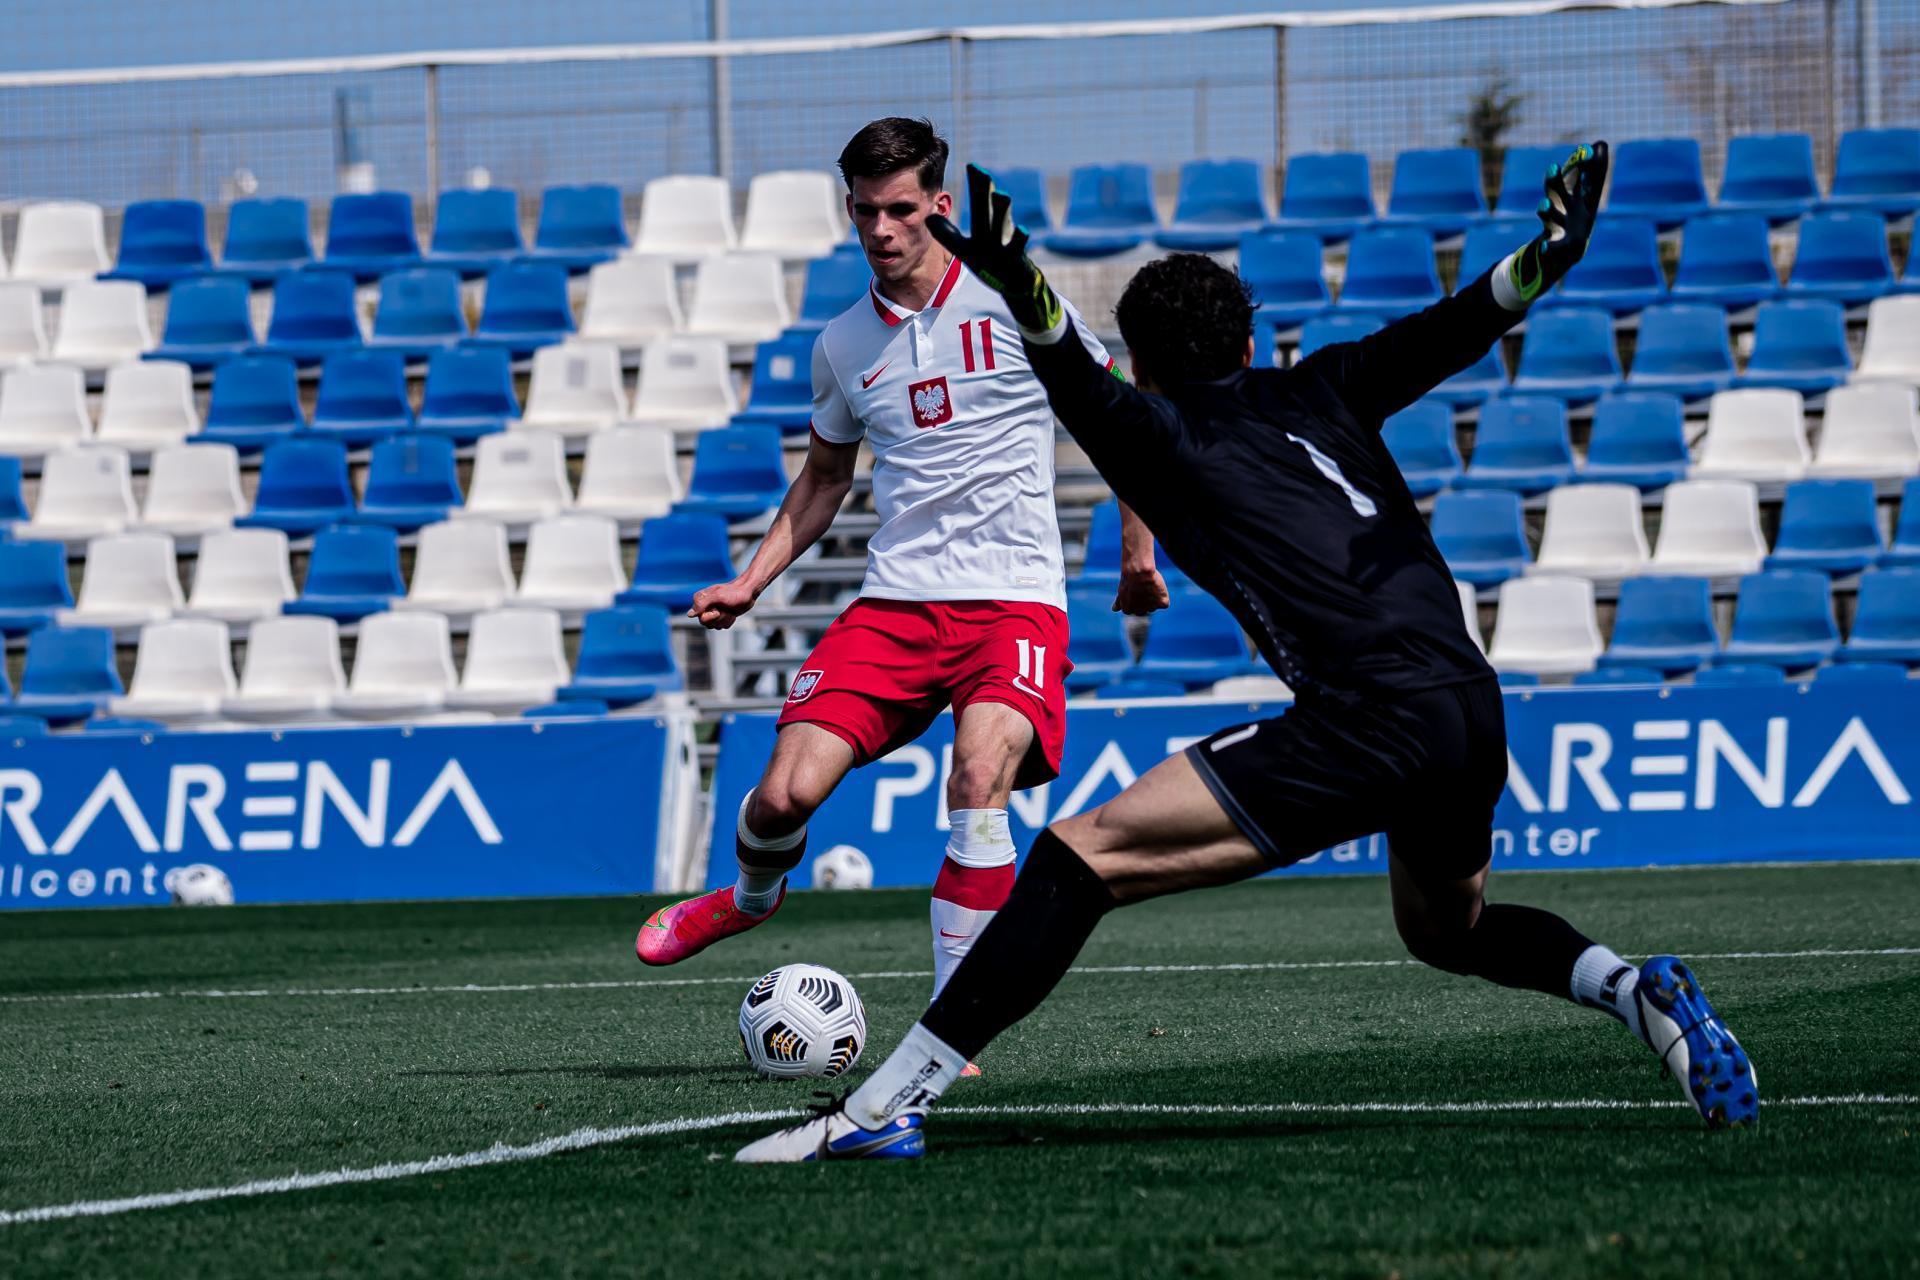 Polska - Arabia Saudyjska 7:0 (26.03.2021) U21 Filip Marchwiński